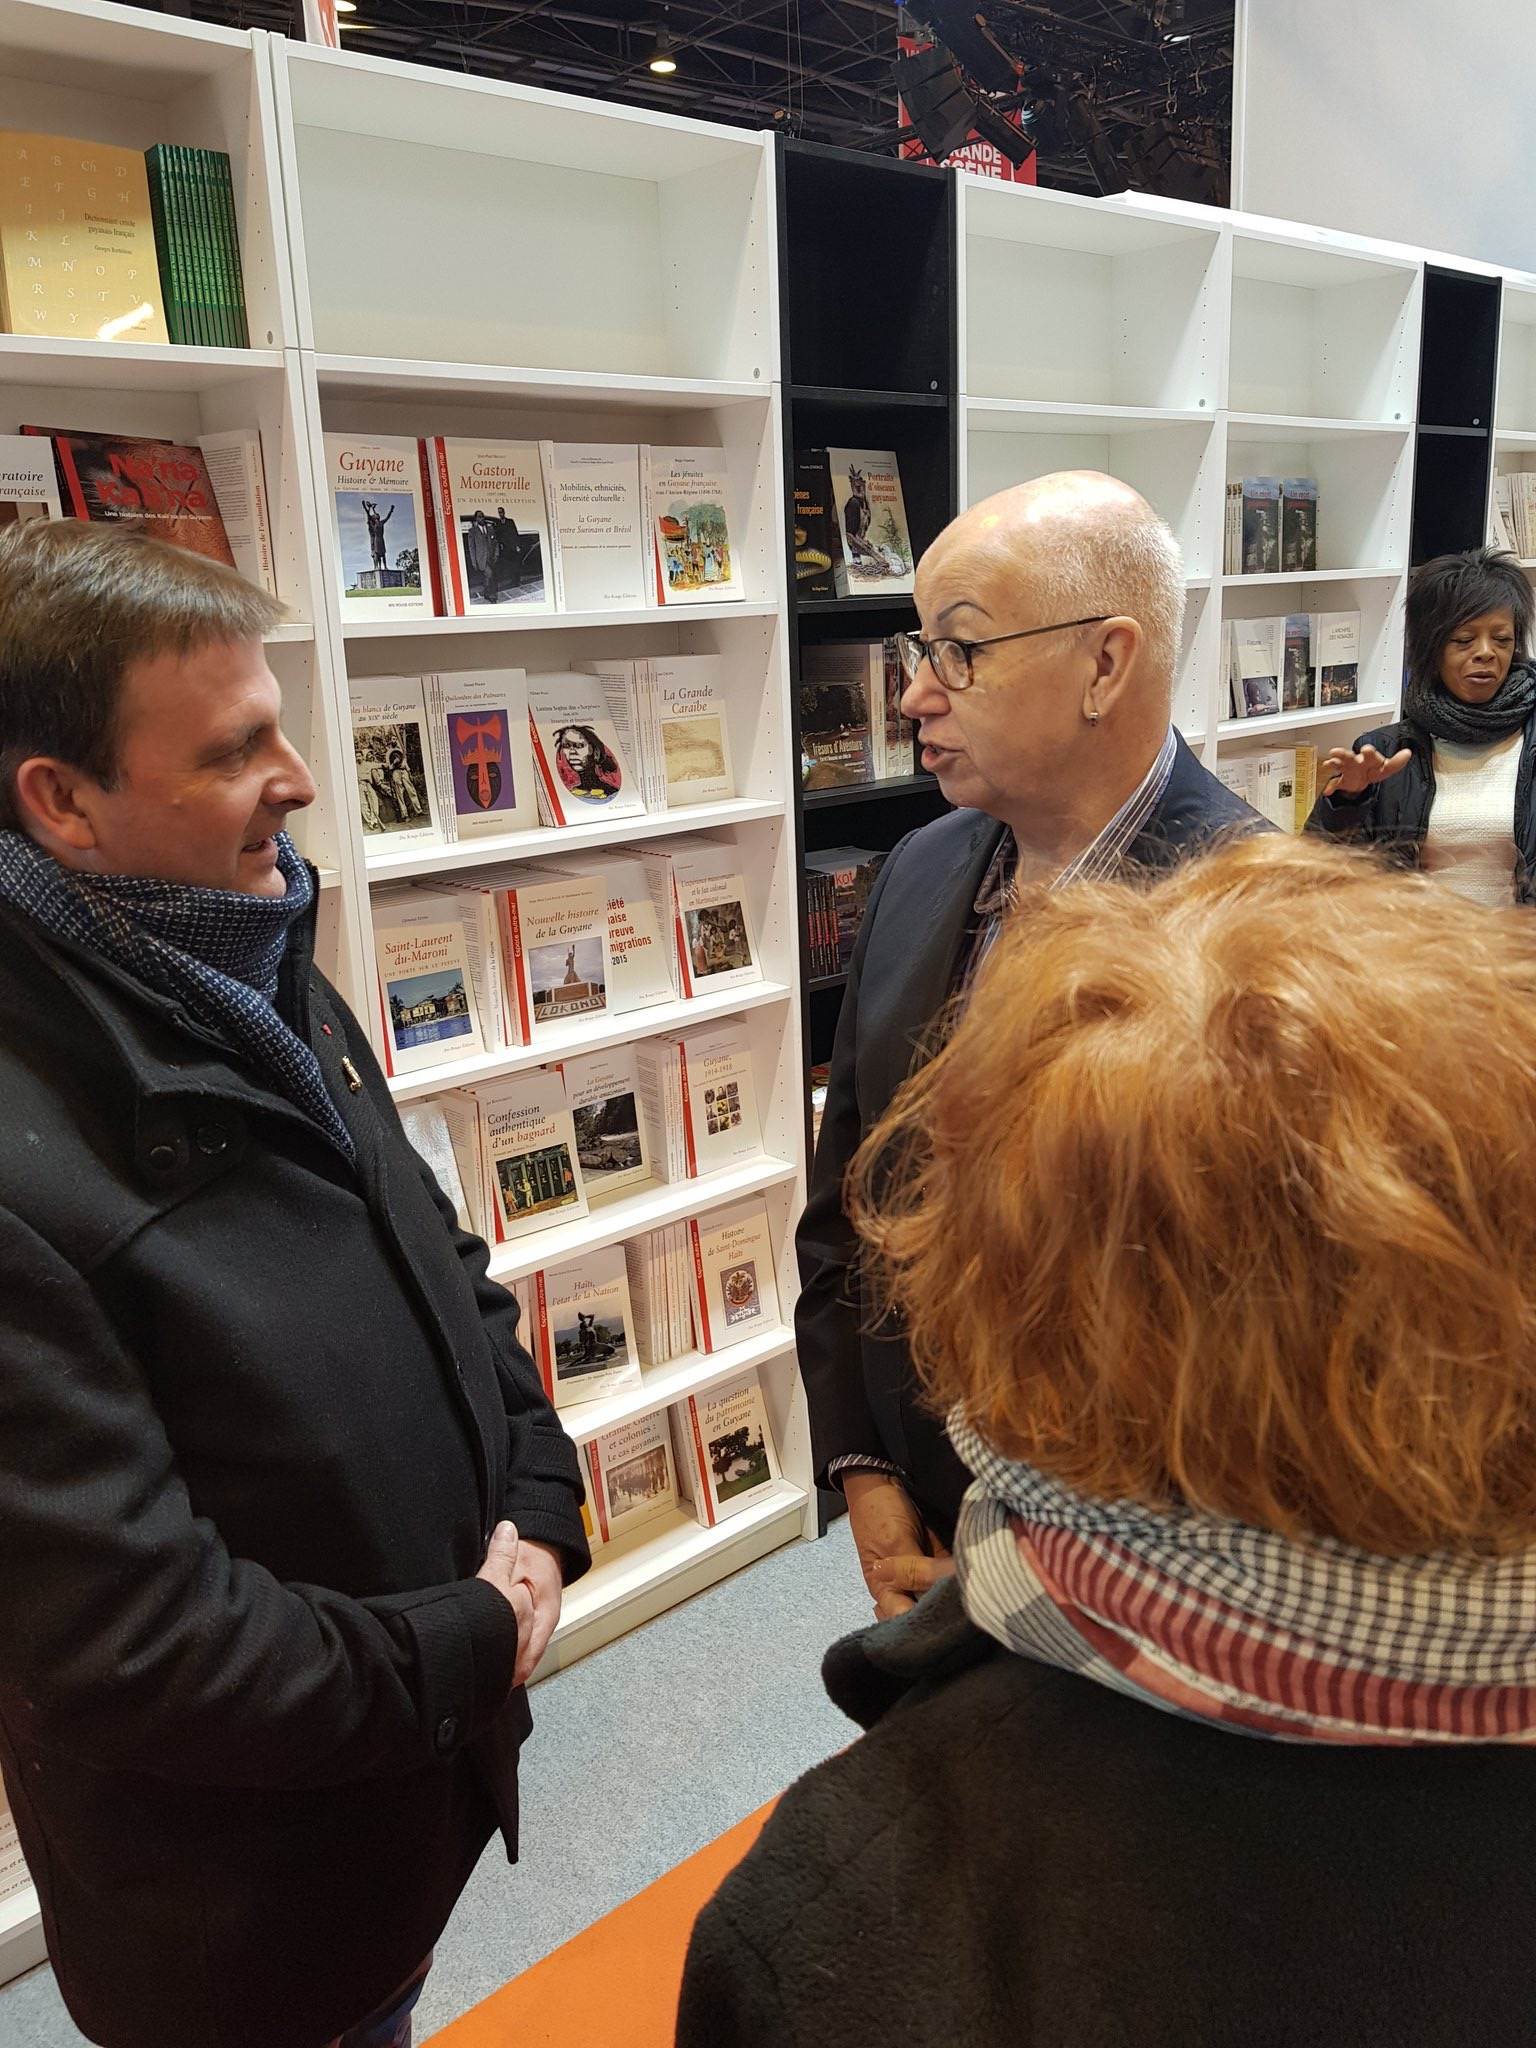 Rencontre sur le stand Ibis Rouge, maison d'édition littéraire amérindienne.